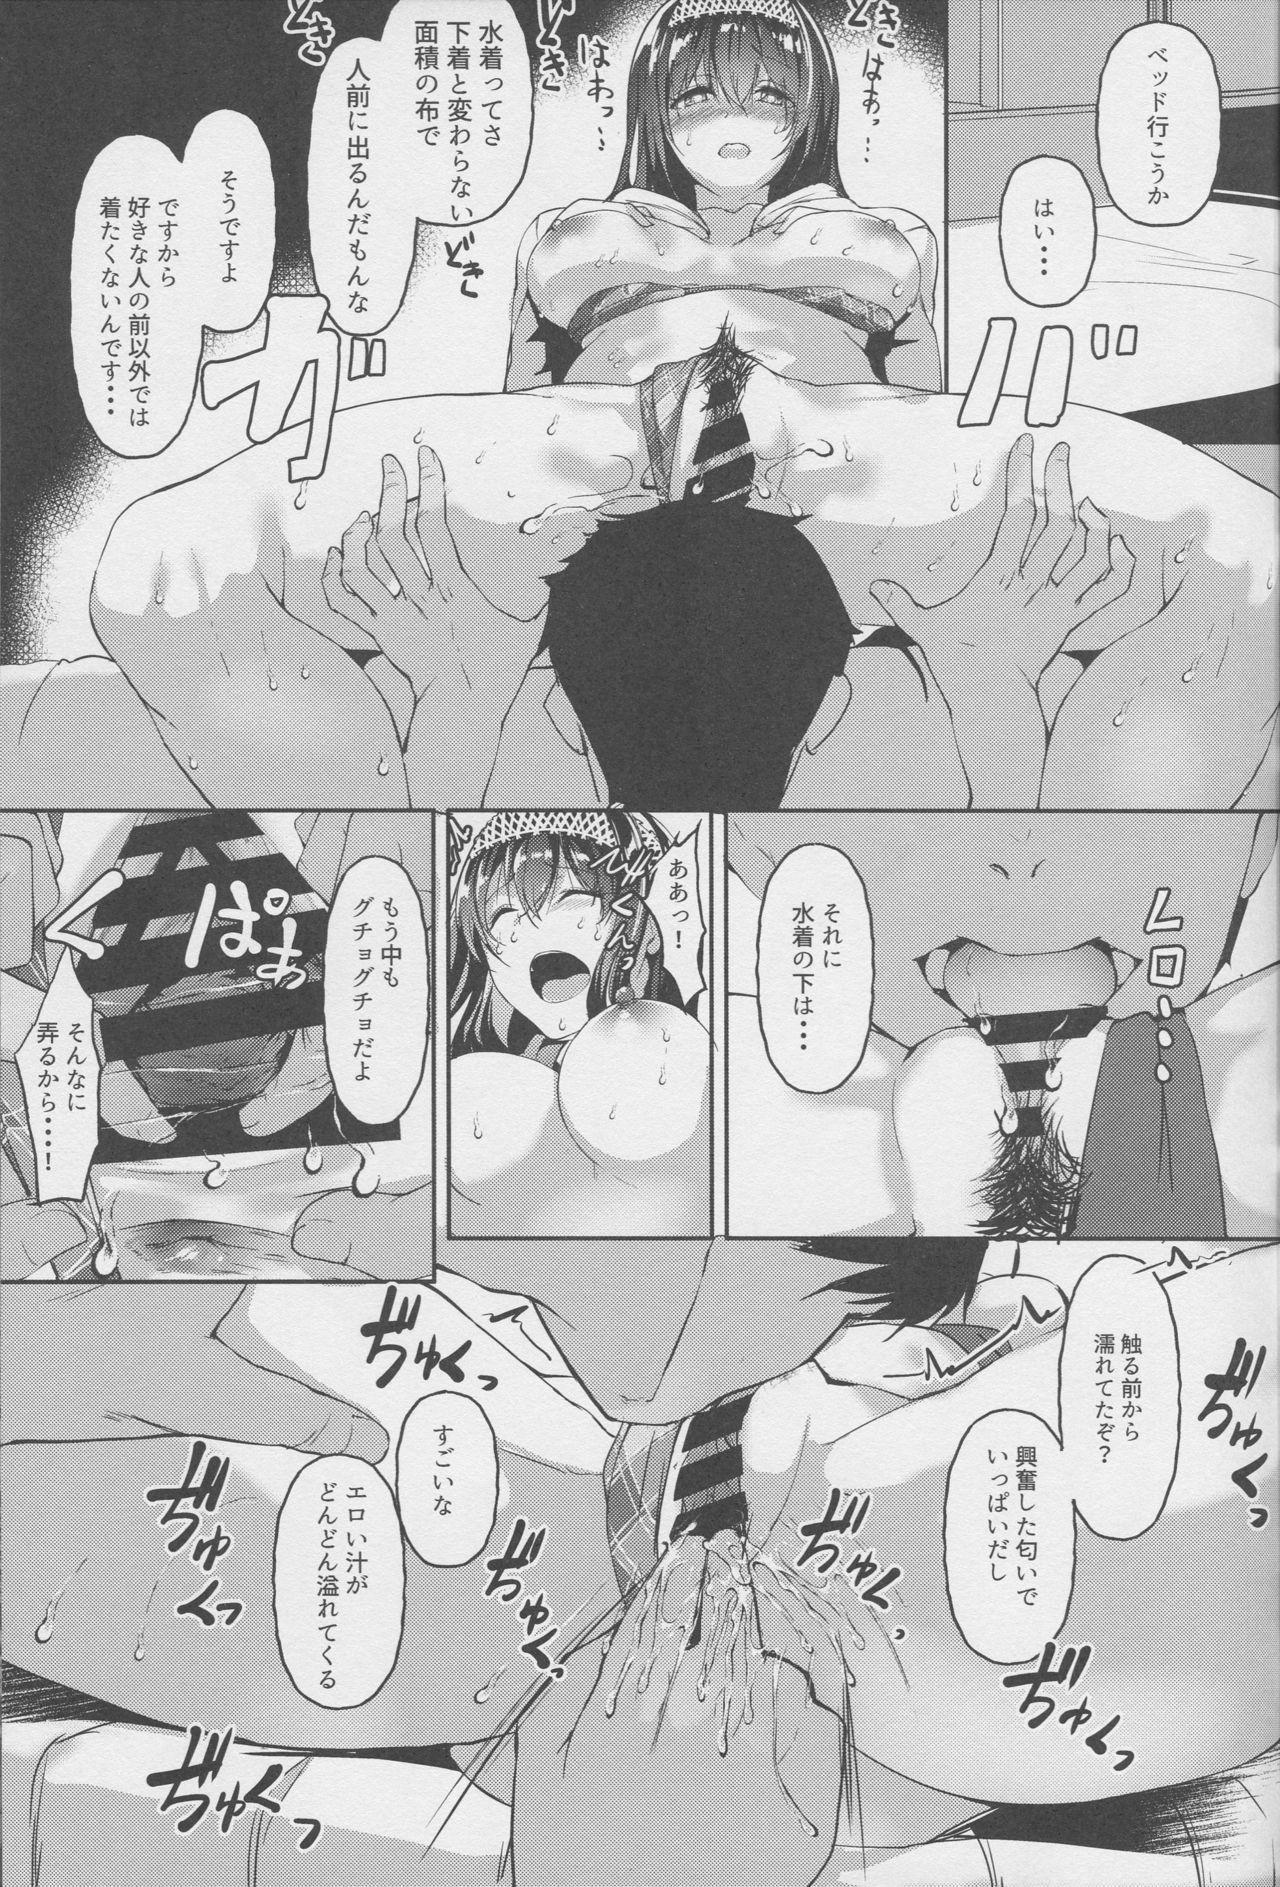 Kimi ga Iru Nichijou, Umi no Mieru Ano Basho de 21